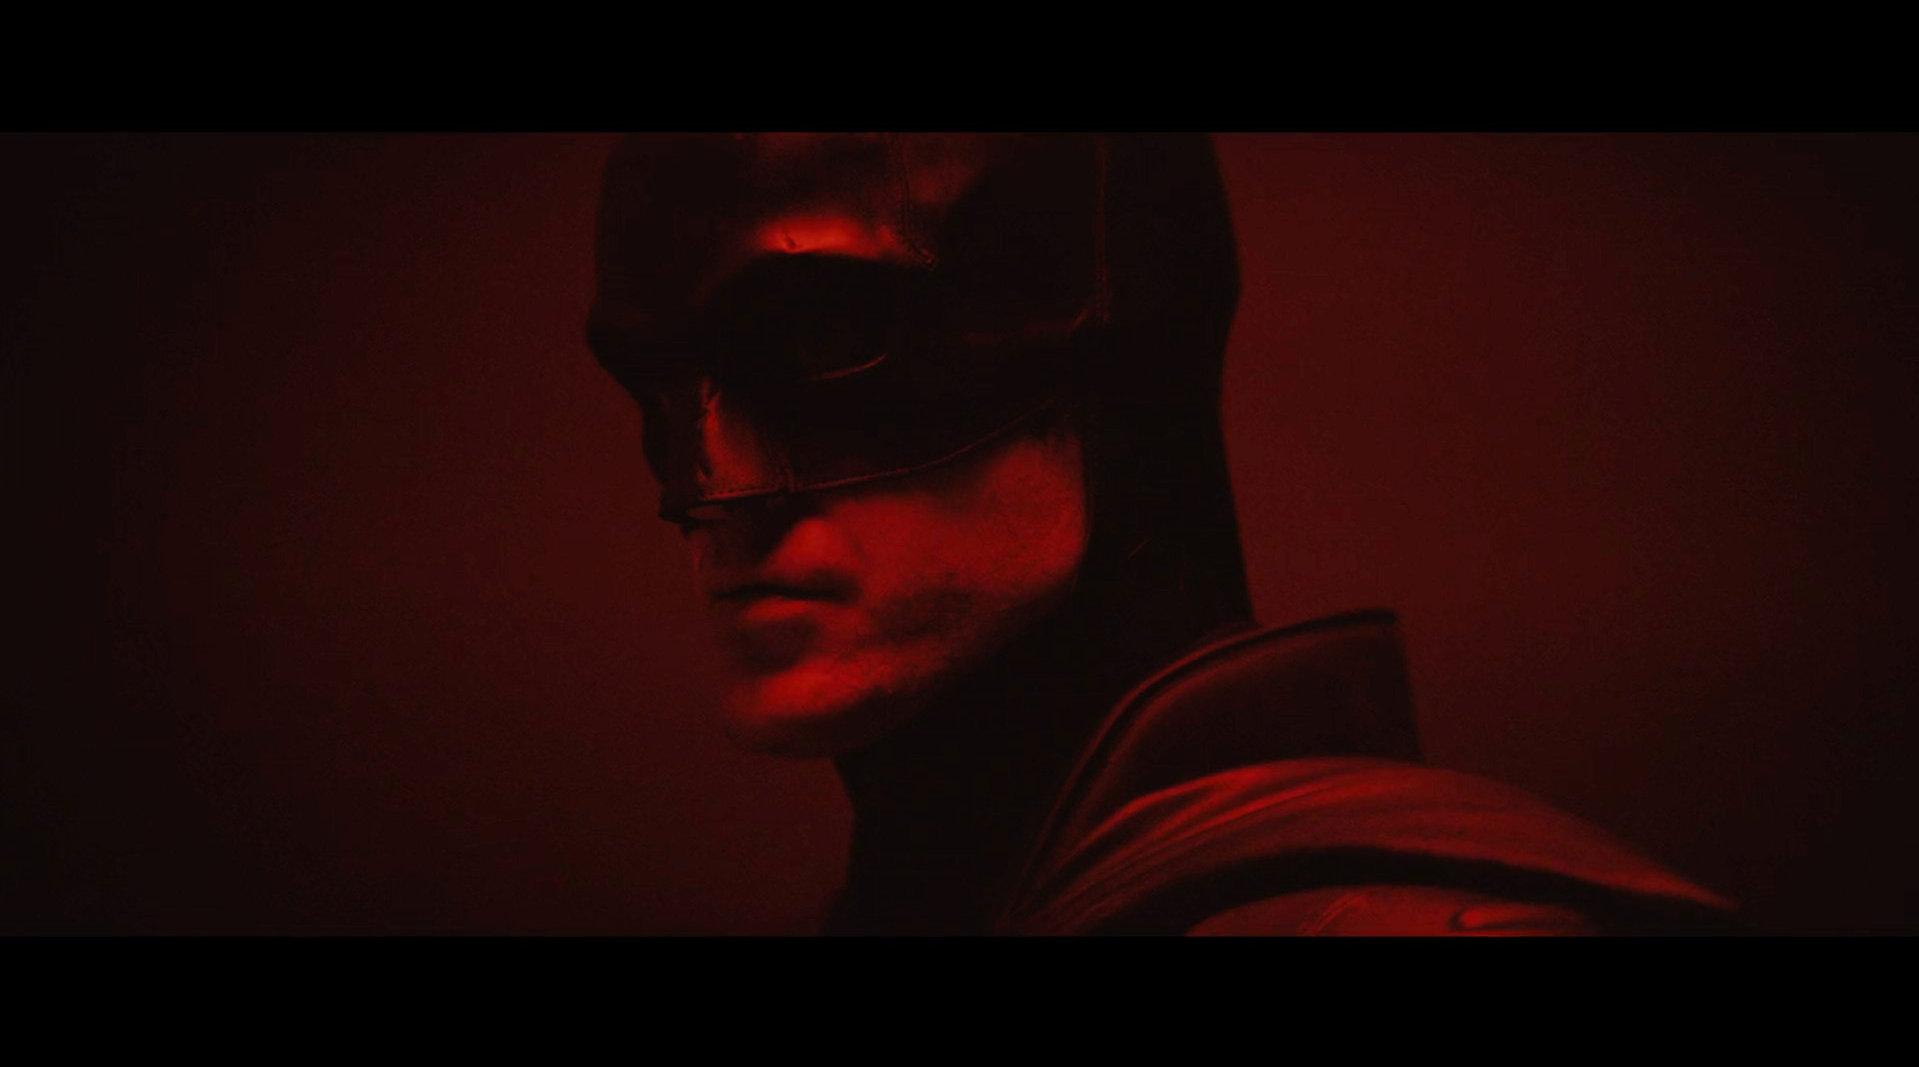 新版《蝙蝠侠》导演马特·里夫斯首次公开罗伯特·帕丁森版蝙蝠侠视频